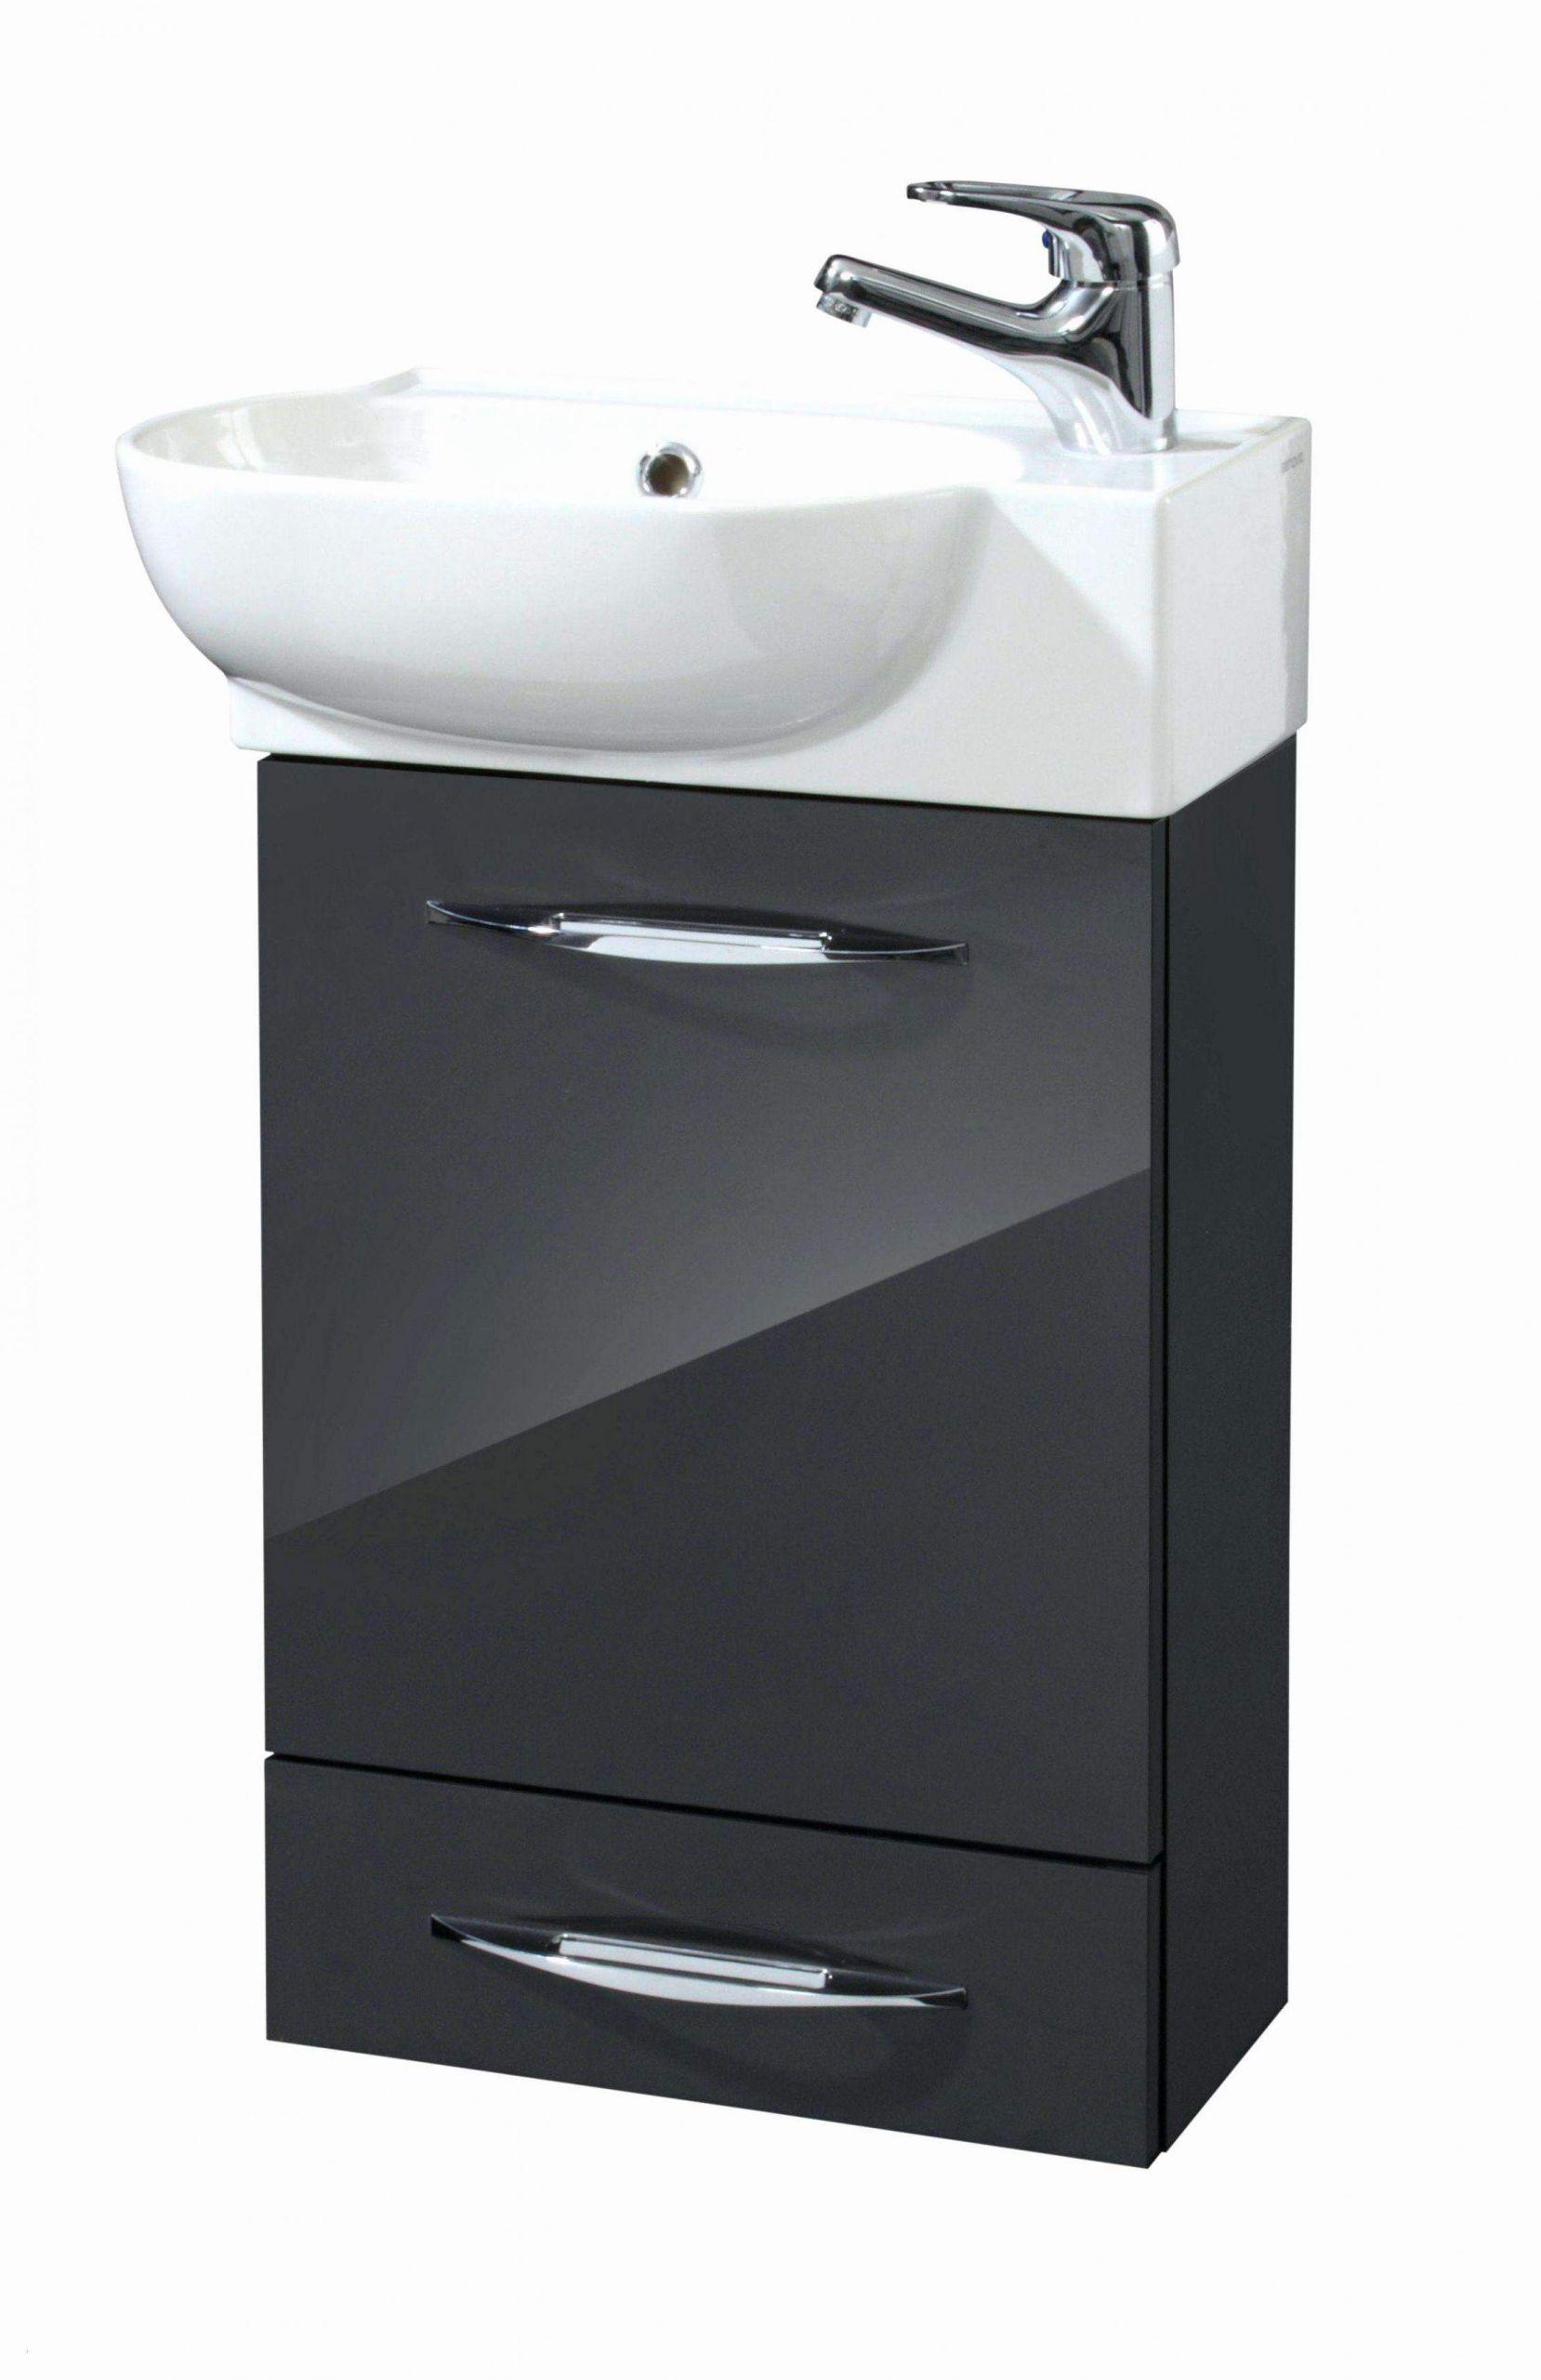 33 genial waschbecken fur garten toilette mit waschbecken toilette mit waschbecken 2